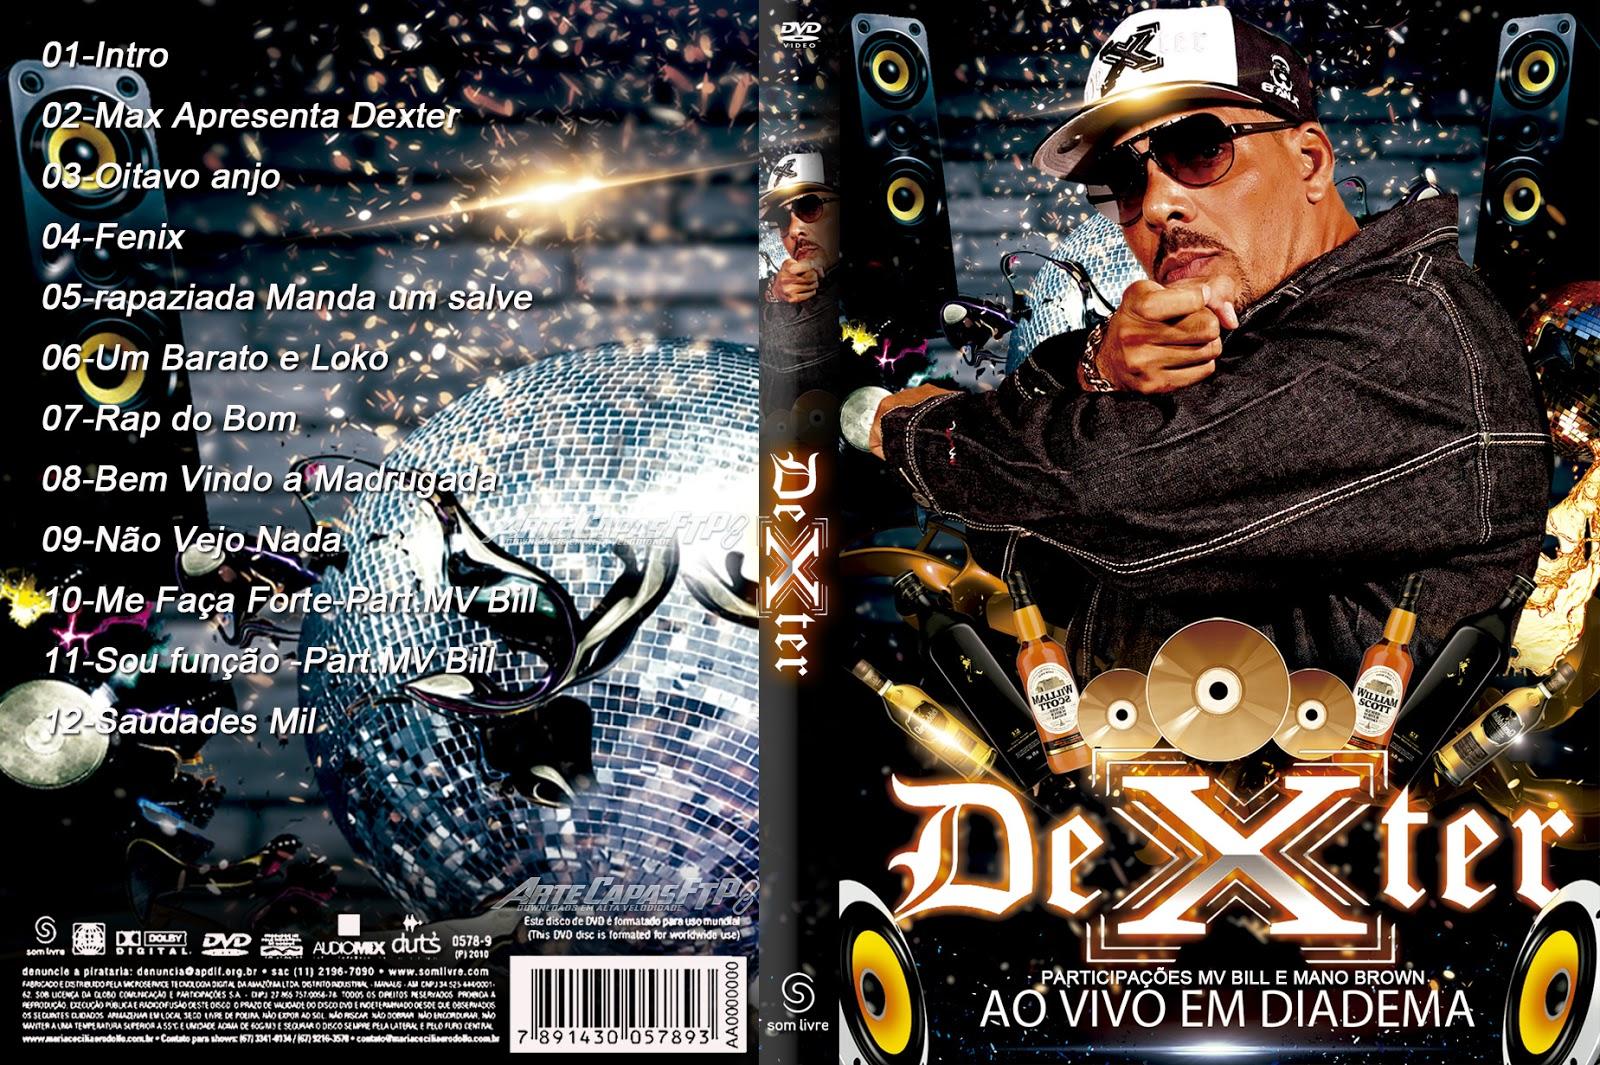 Dexter Ao Vivo Em Diadema DVD-R Dexter 2BAo 2BVivo 2BEm 2BDiadema 2BDVD R 2BXANDAODOWNLOAD